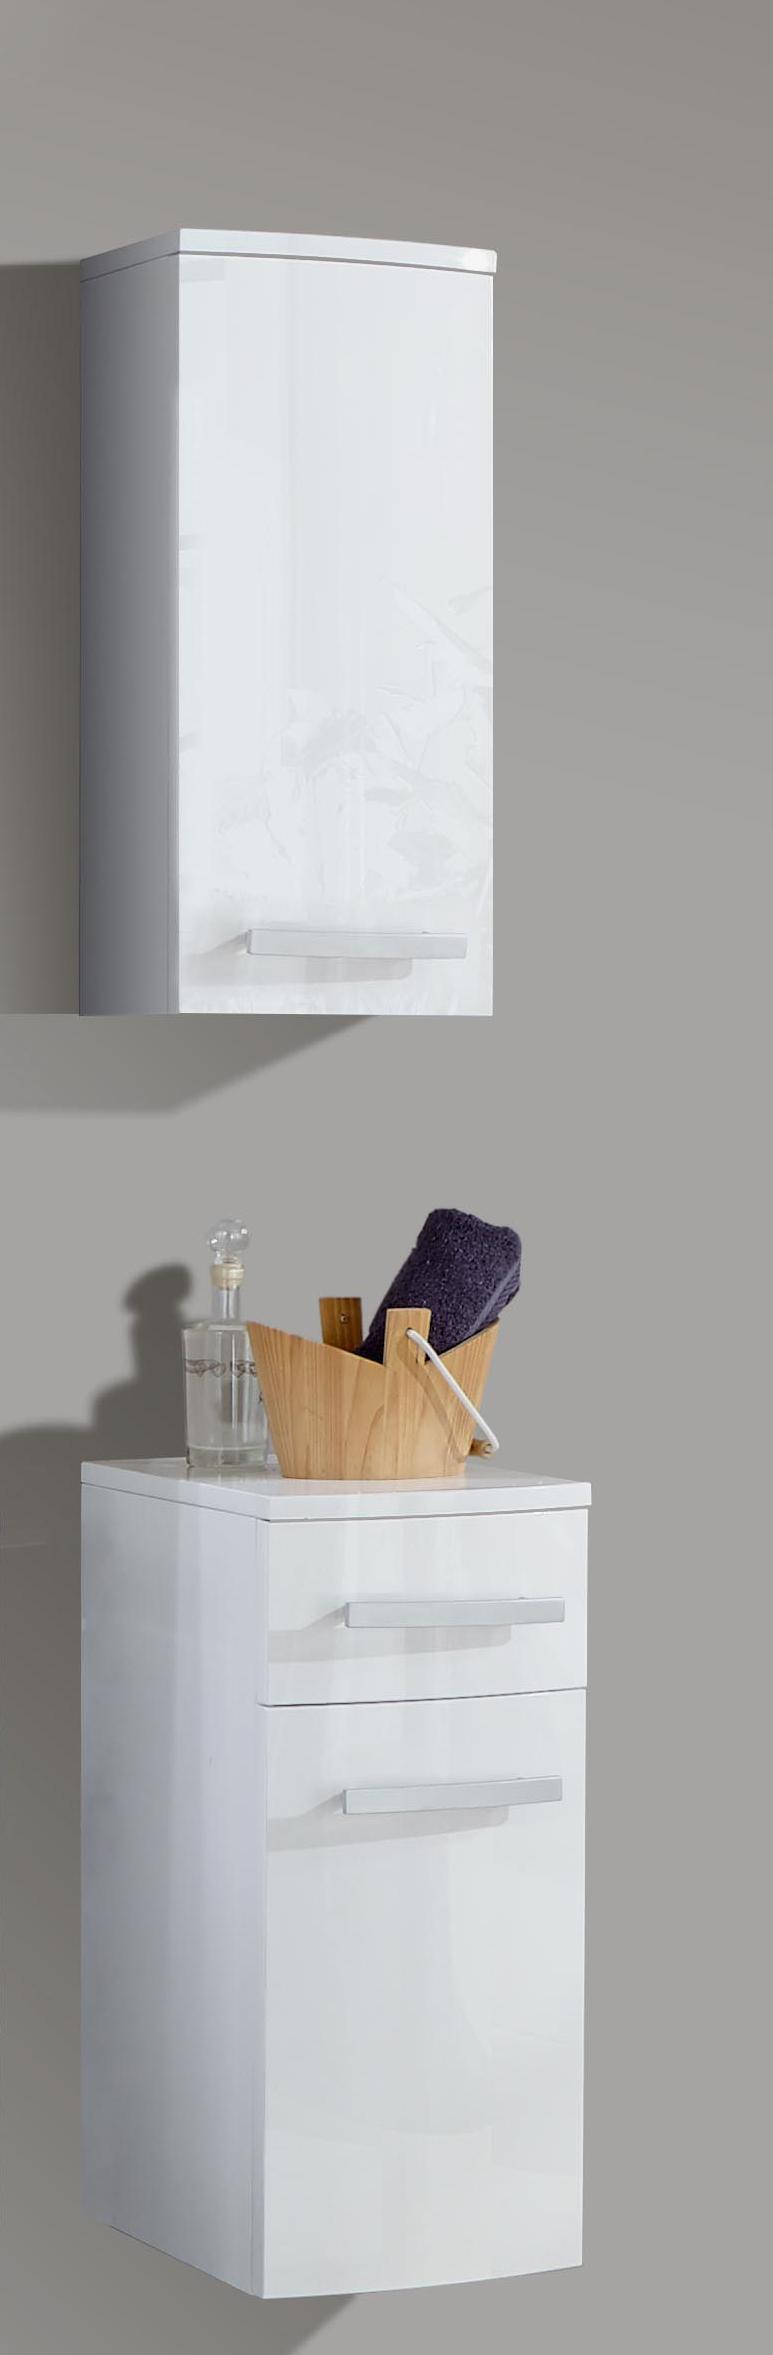 sam 4tlg badezimmer set hochglanz wei 100cm genf deluxe auf lager. Black Bedroom Furniture Sets. Home Design Ideas